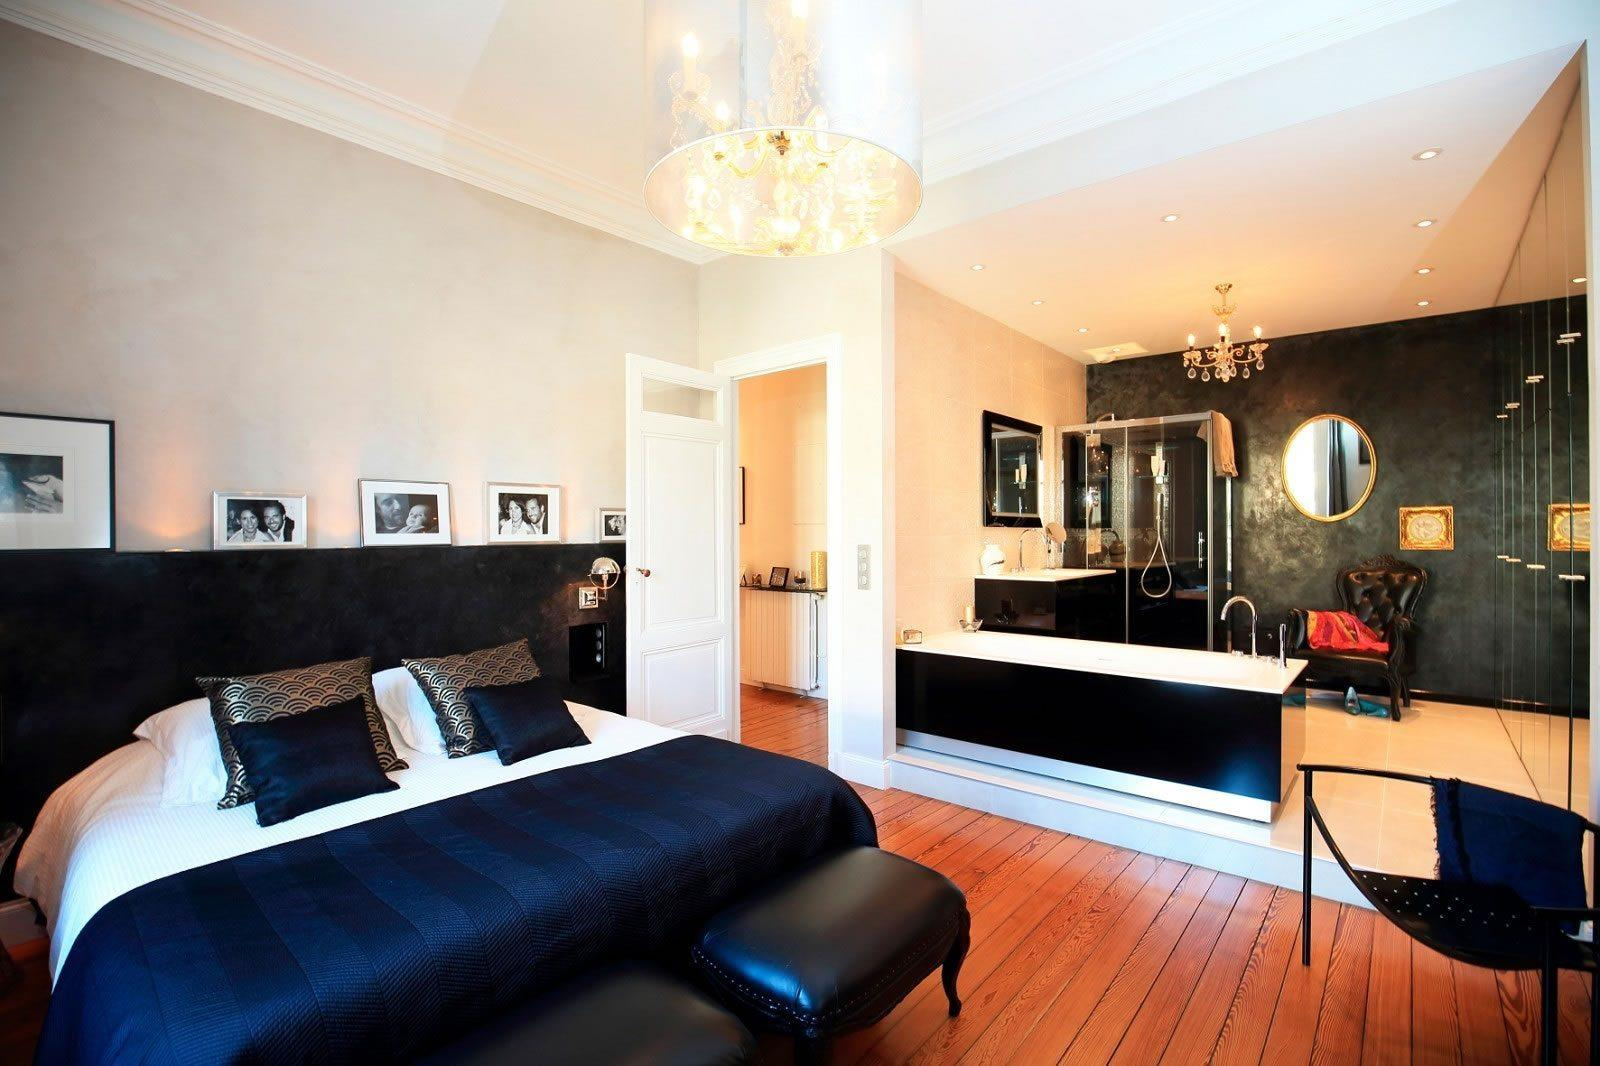 appartement-renove-a-vendre-quartier-saint-pierre-immeappartement-renove-a-vendre-quartier-saint-pierre-immeuble-pierre-caveuble-pierre-cave